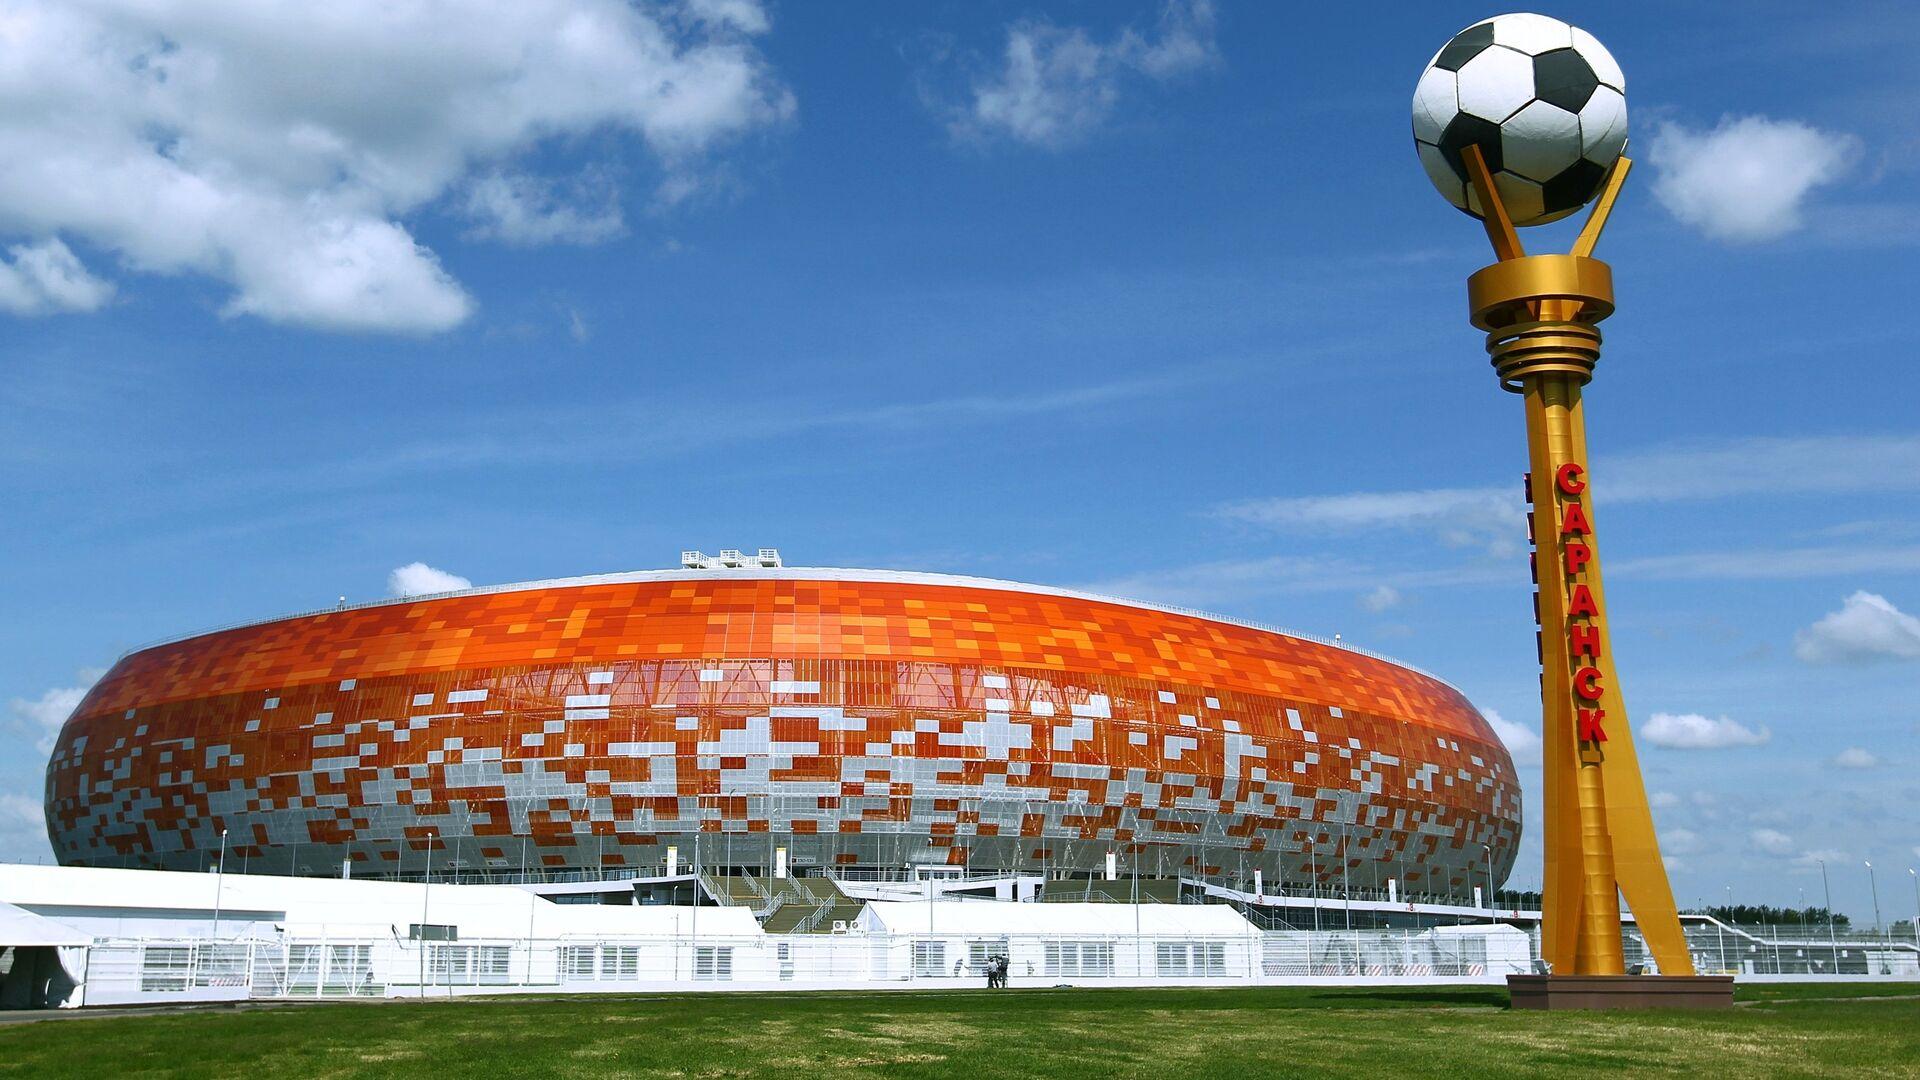 Стела с мячом возле стадиона Мордовия Арена в Саранске - РИА Новости, 1920, 15.03.2021